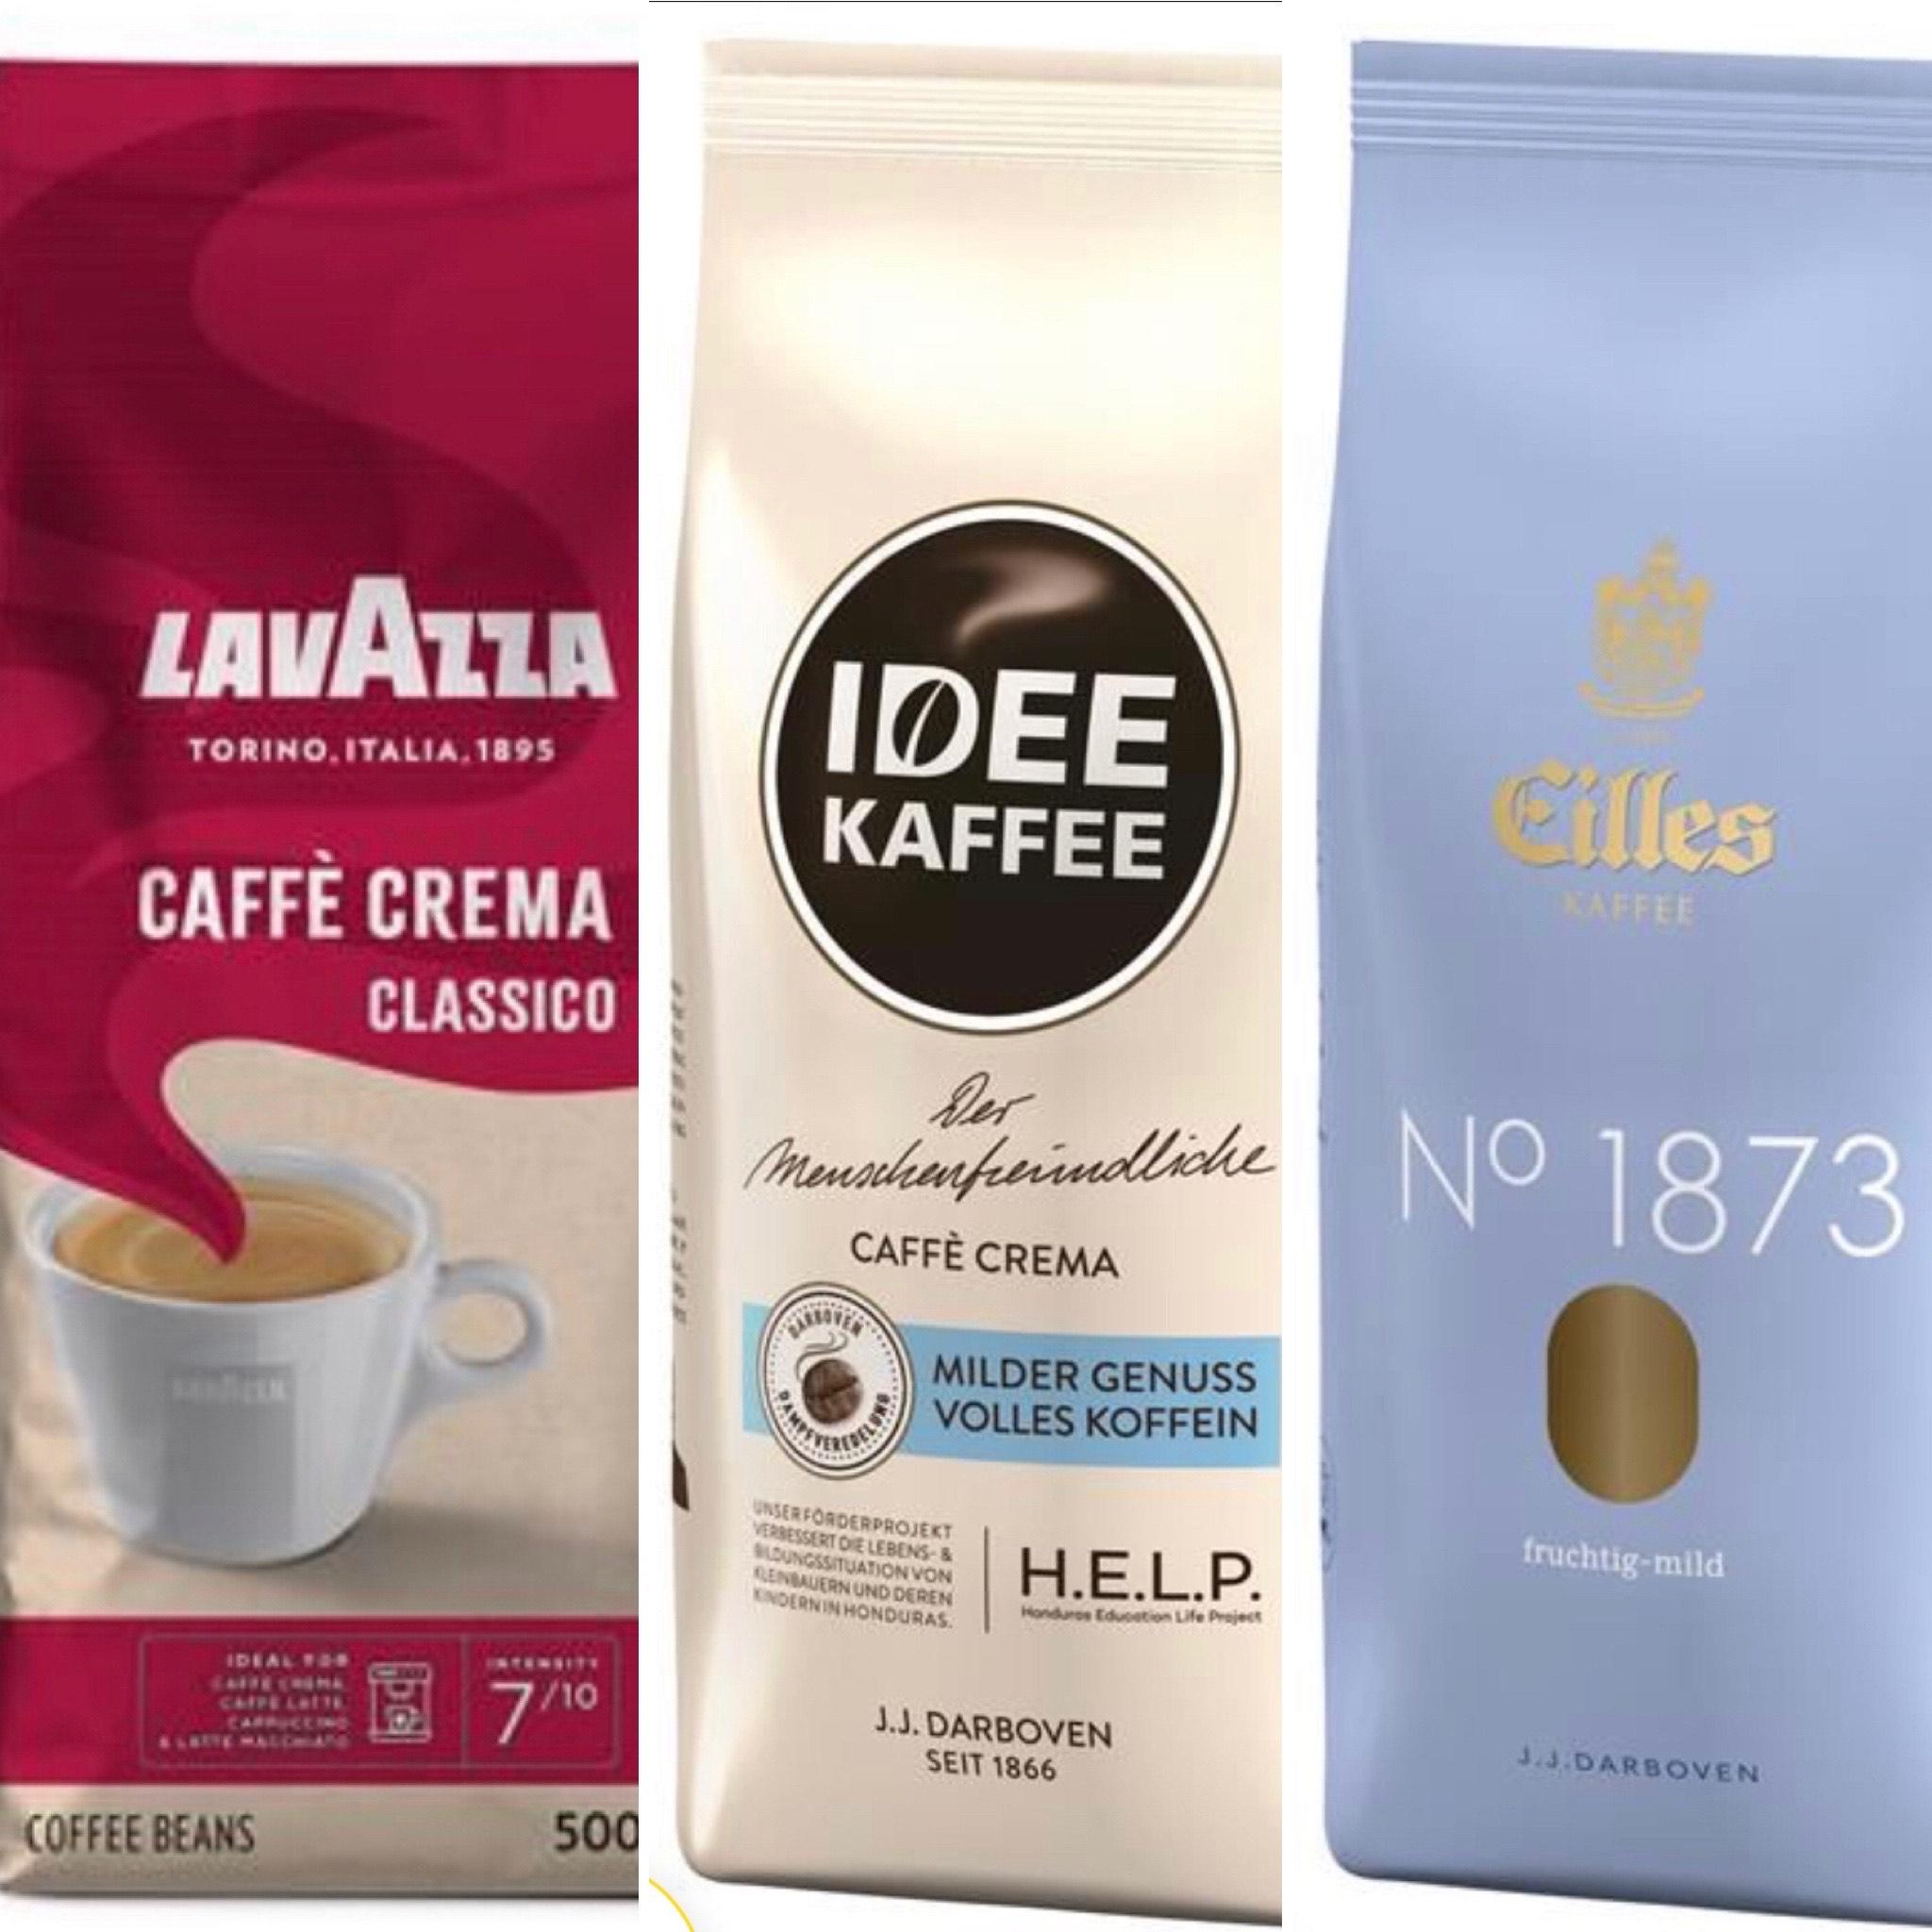 [Durstexpress] IDEE KAFFEE CAFFÉ CREMA 1 KG & KAFFEE CLASSIC 500 GR